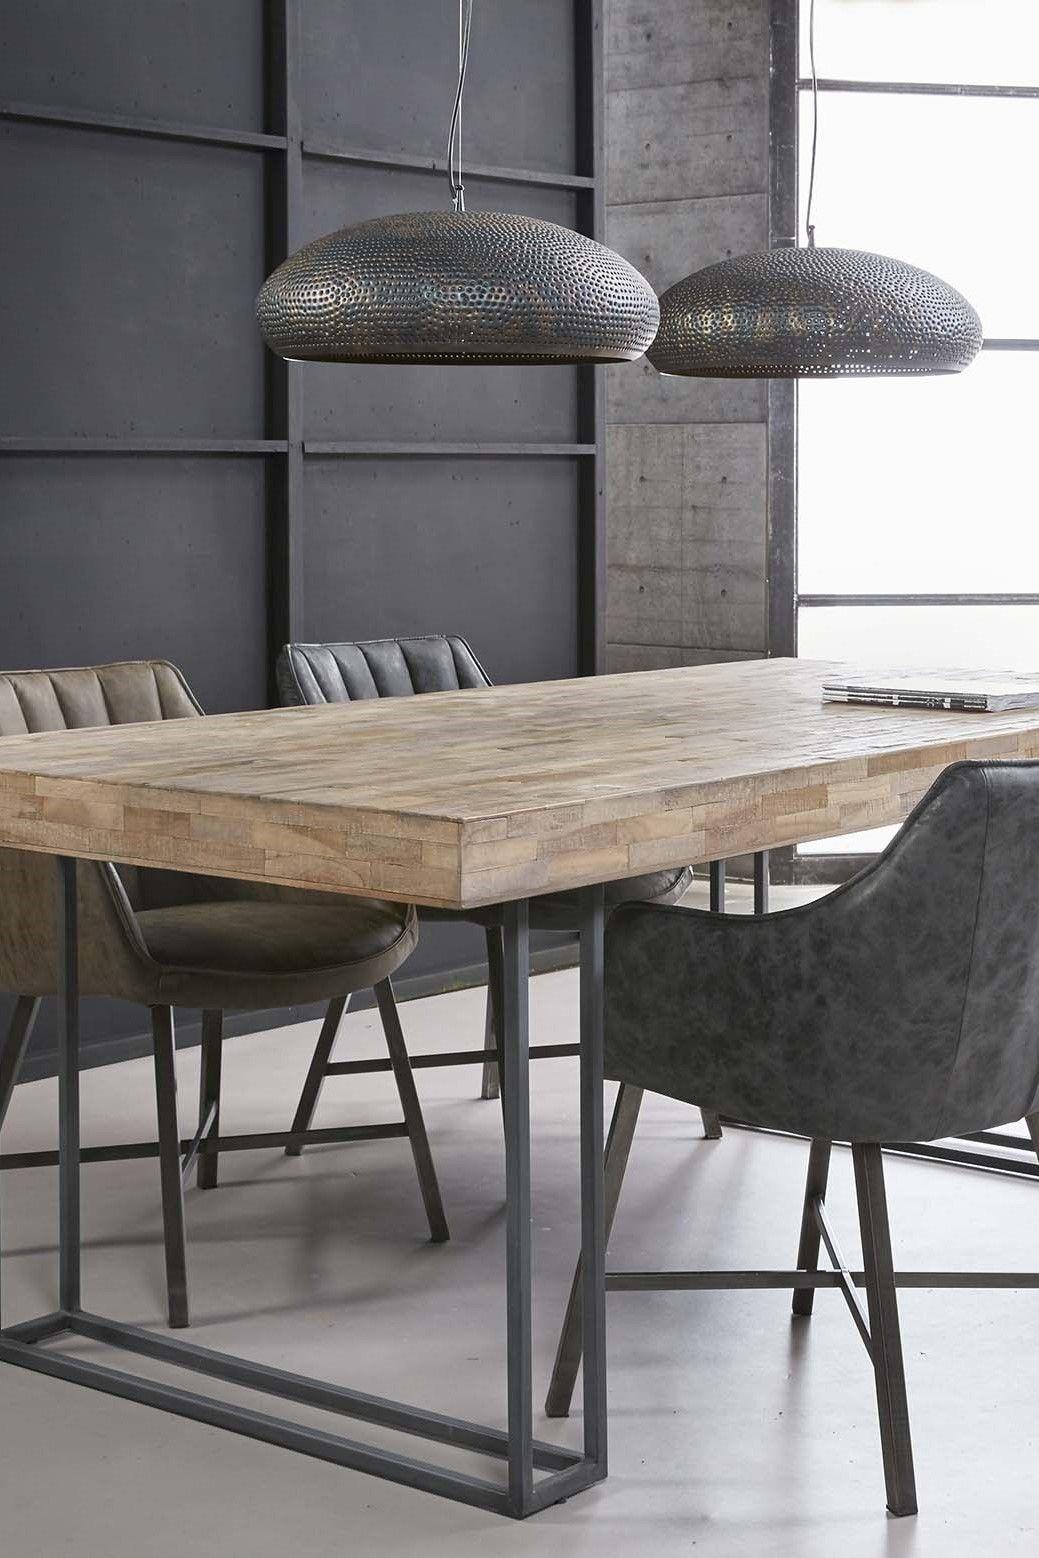 Pin Von Adonis Gerico Auf Dining Table Hausmobel Esstisch Holz